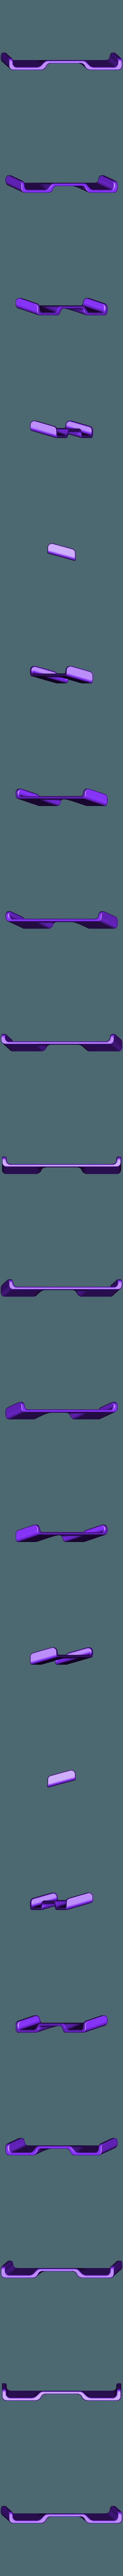 Wing.stl Télécharger fichier STL gratuit WLtoys A959 • Plan imprimable en 3D, EvolvingExtrusions